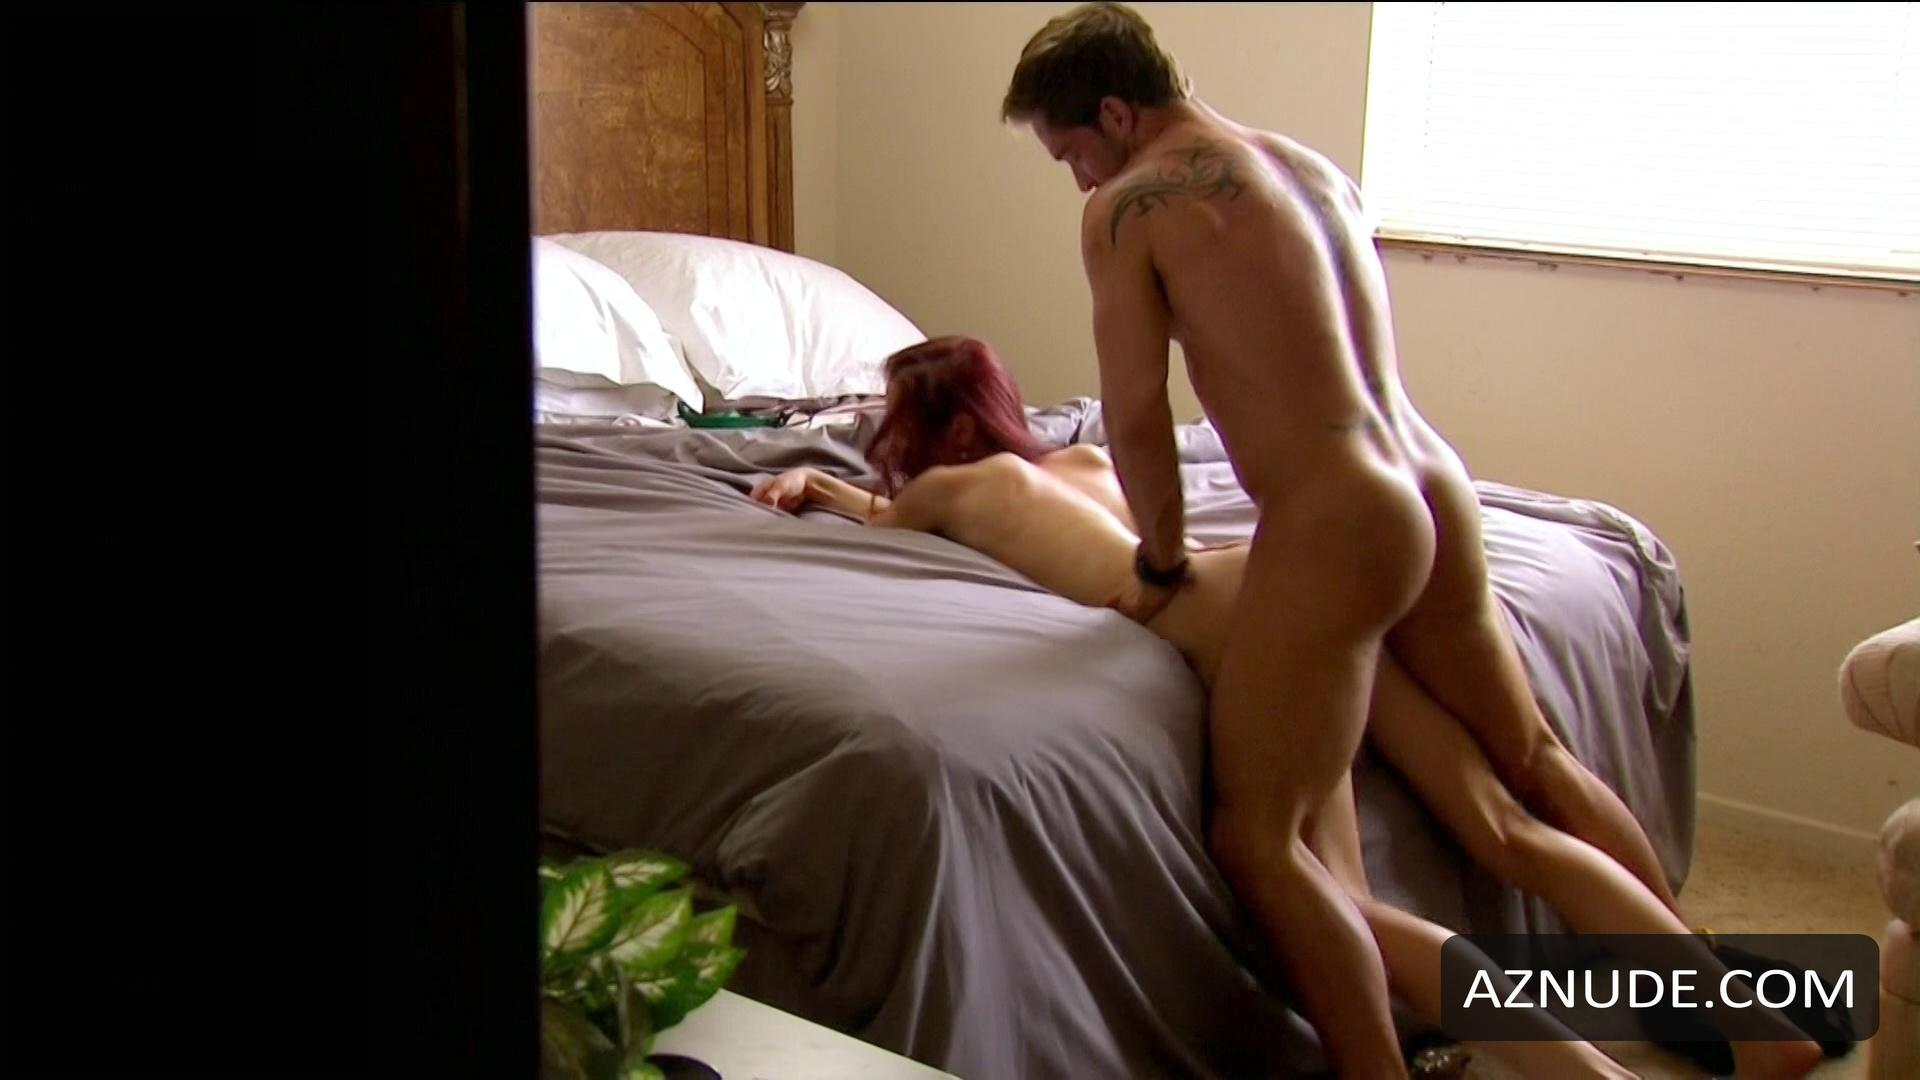 Gigolo Porn Videos  Pornhubcom